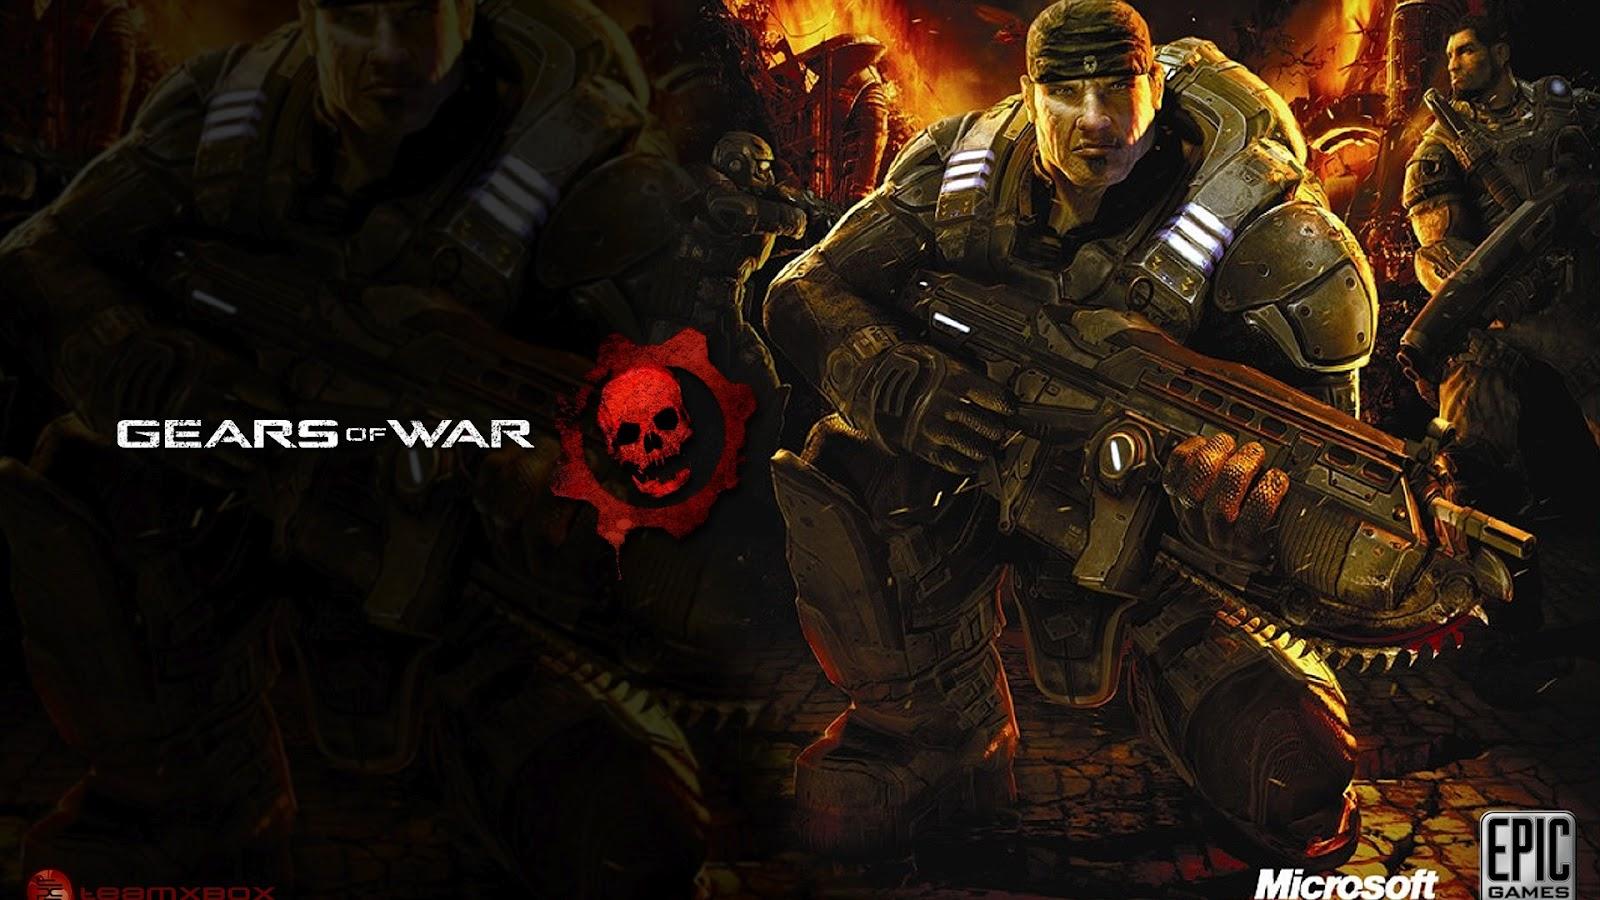 http://3.bp.blogspot.com/-6BhLmPedPsM/UBVtPG4xEmI/AAAAAAAAFek/-CaU8E-kEr8/s1600/gear+of+war+1+wallpaper+3.jpg